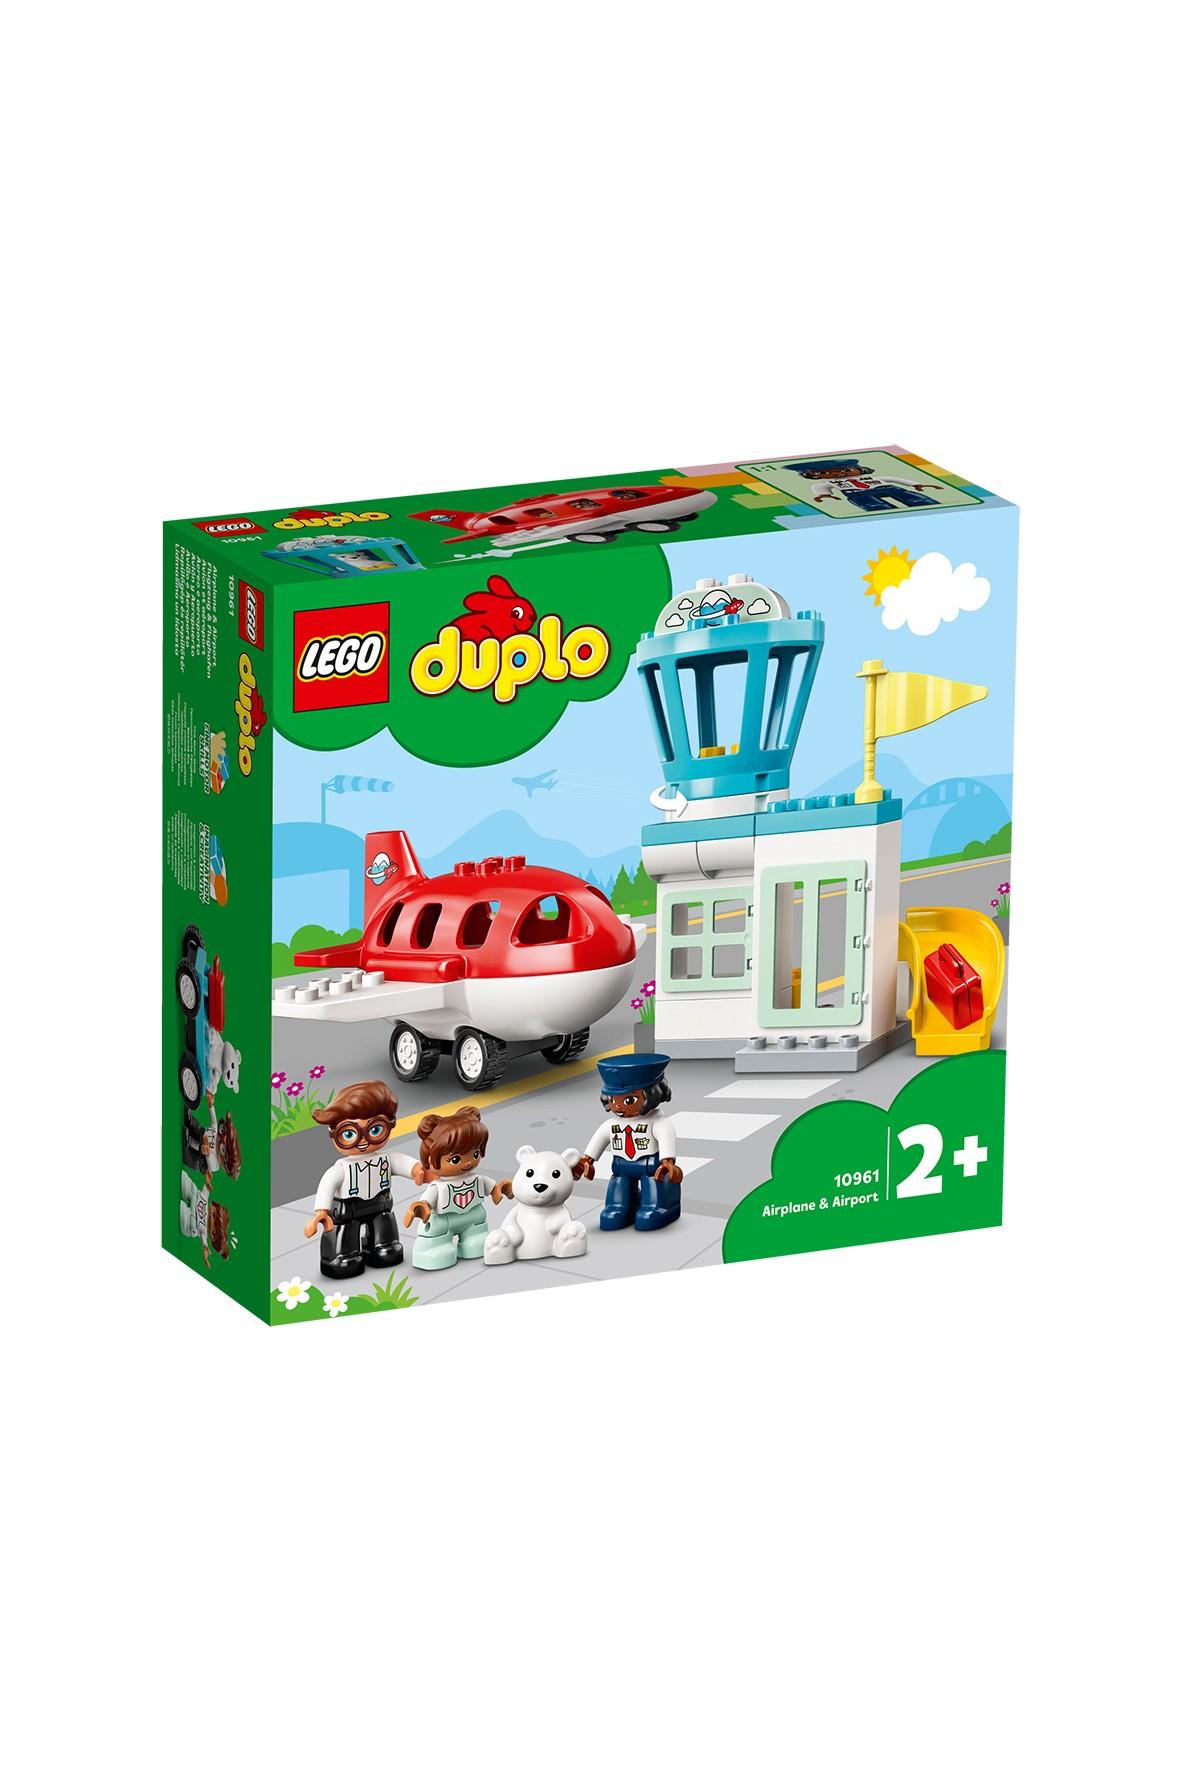 LEGO DUPLO Town - Samolot i lotnisko 10961-  28 elementów, wiek 2+